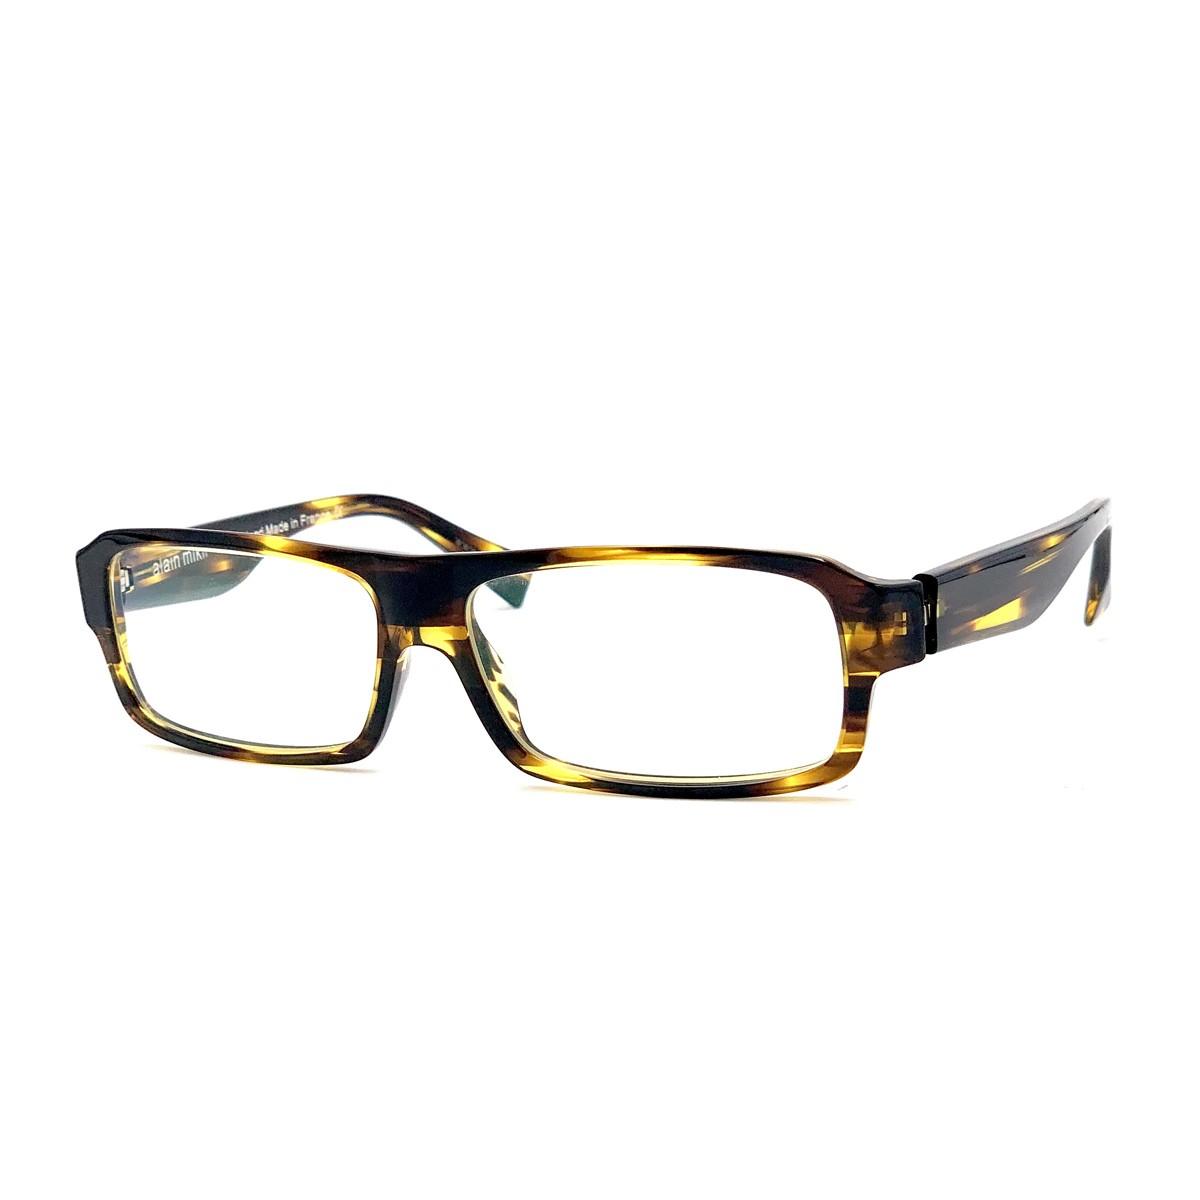 Alain Mikli AL1027 | Men's eyeglasses